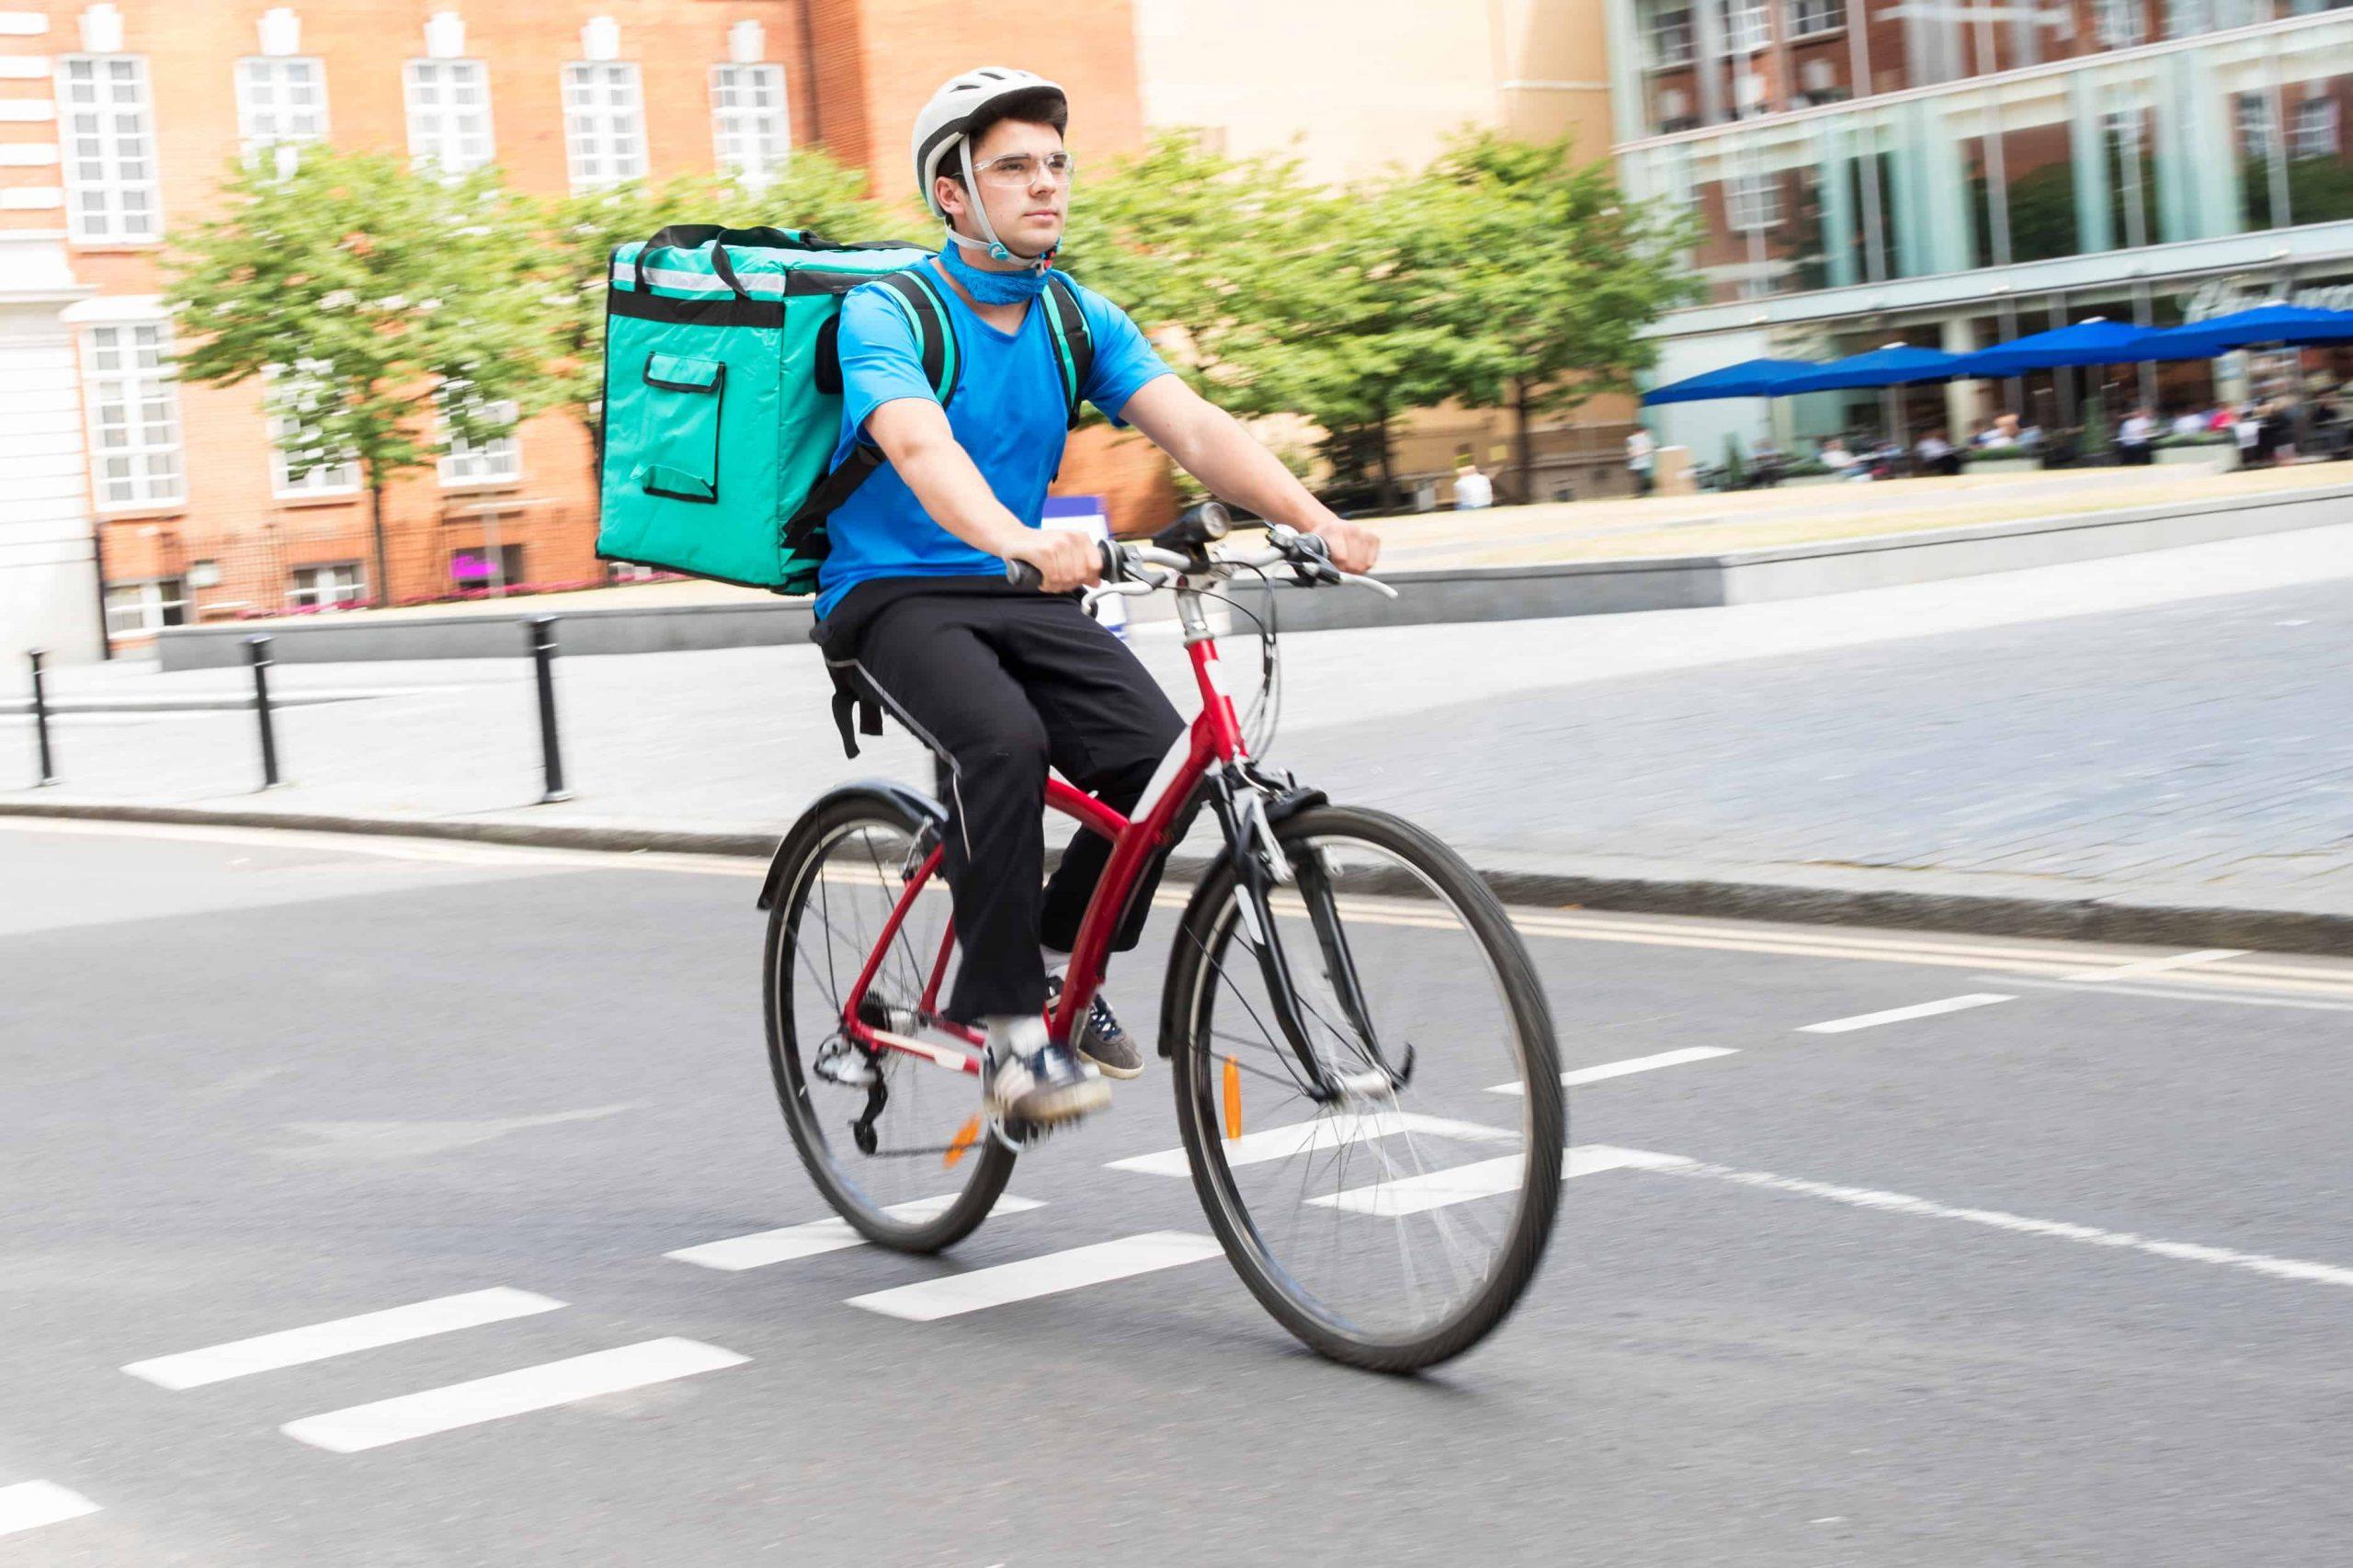 Fahrrad Airbag: Test & Empfehlungen (05/21)